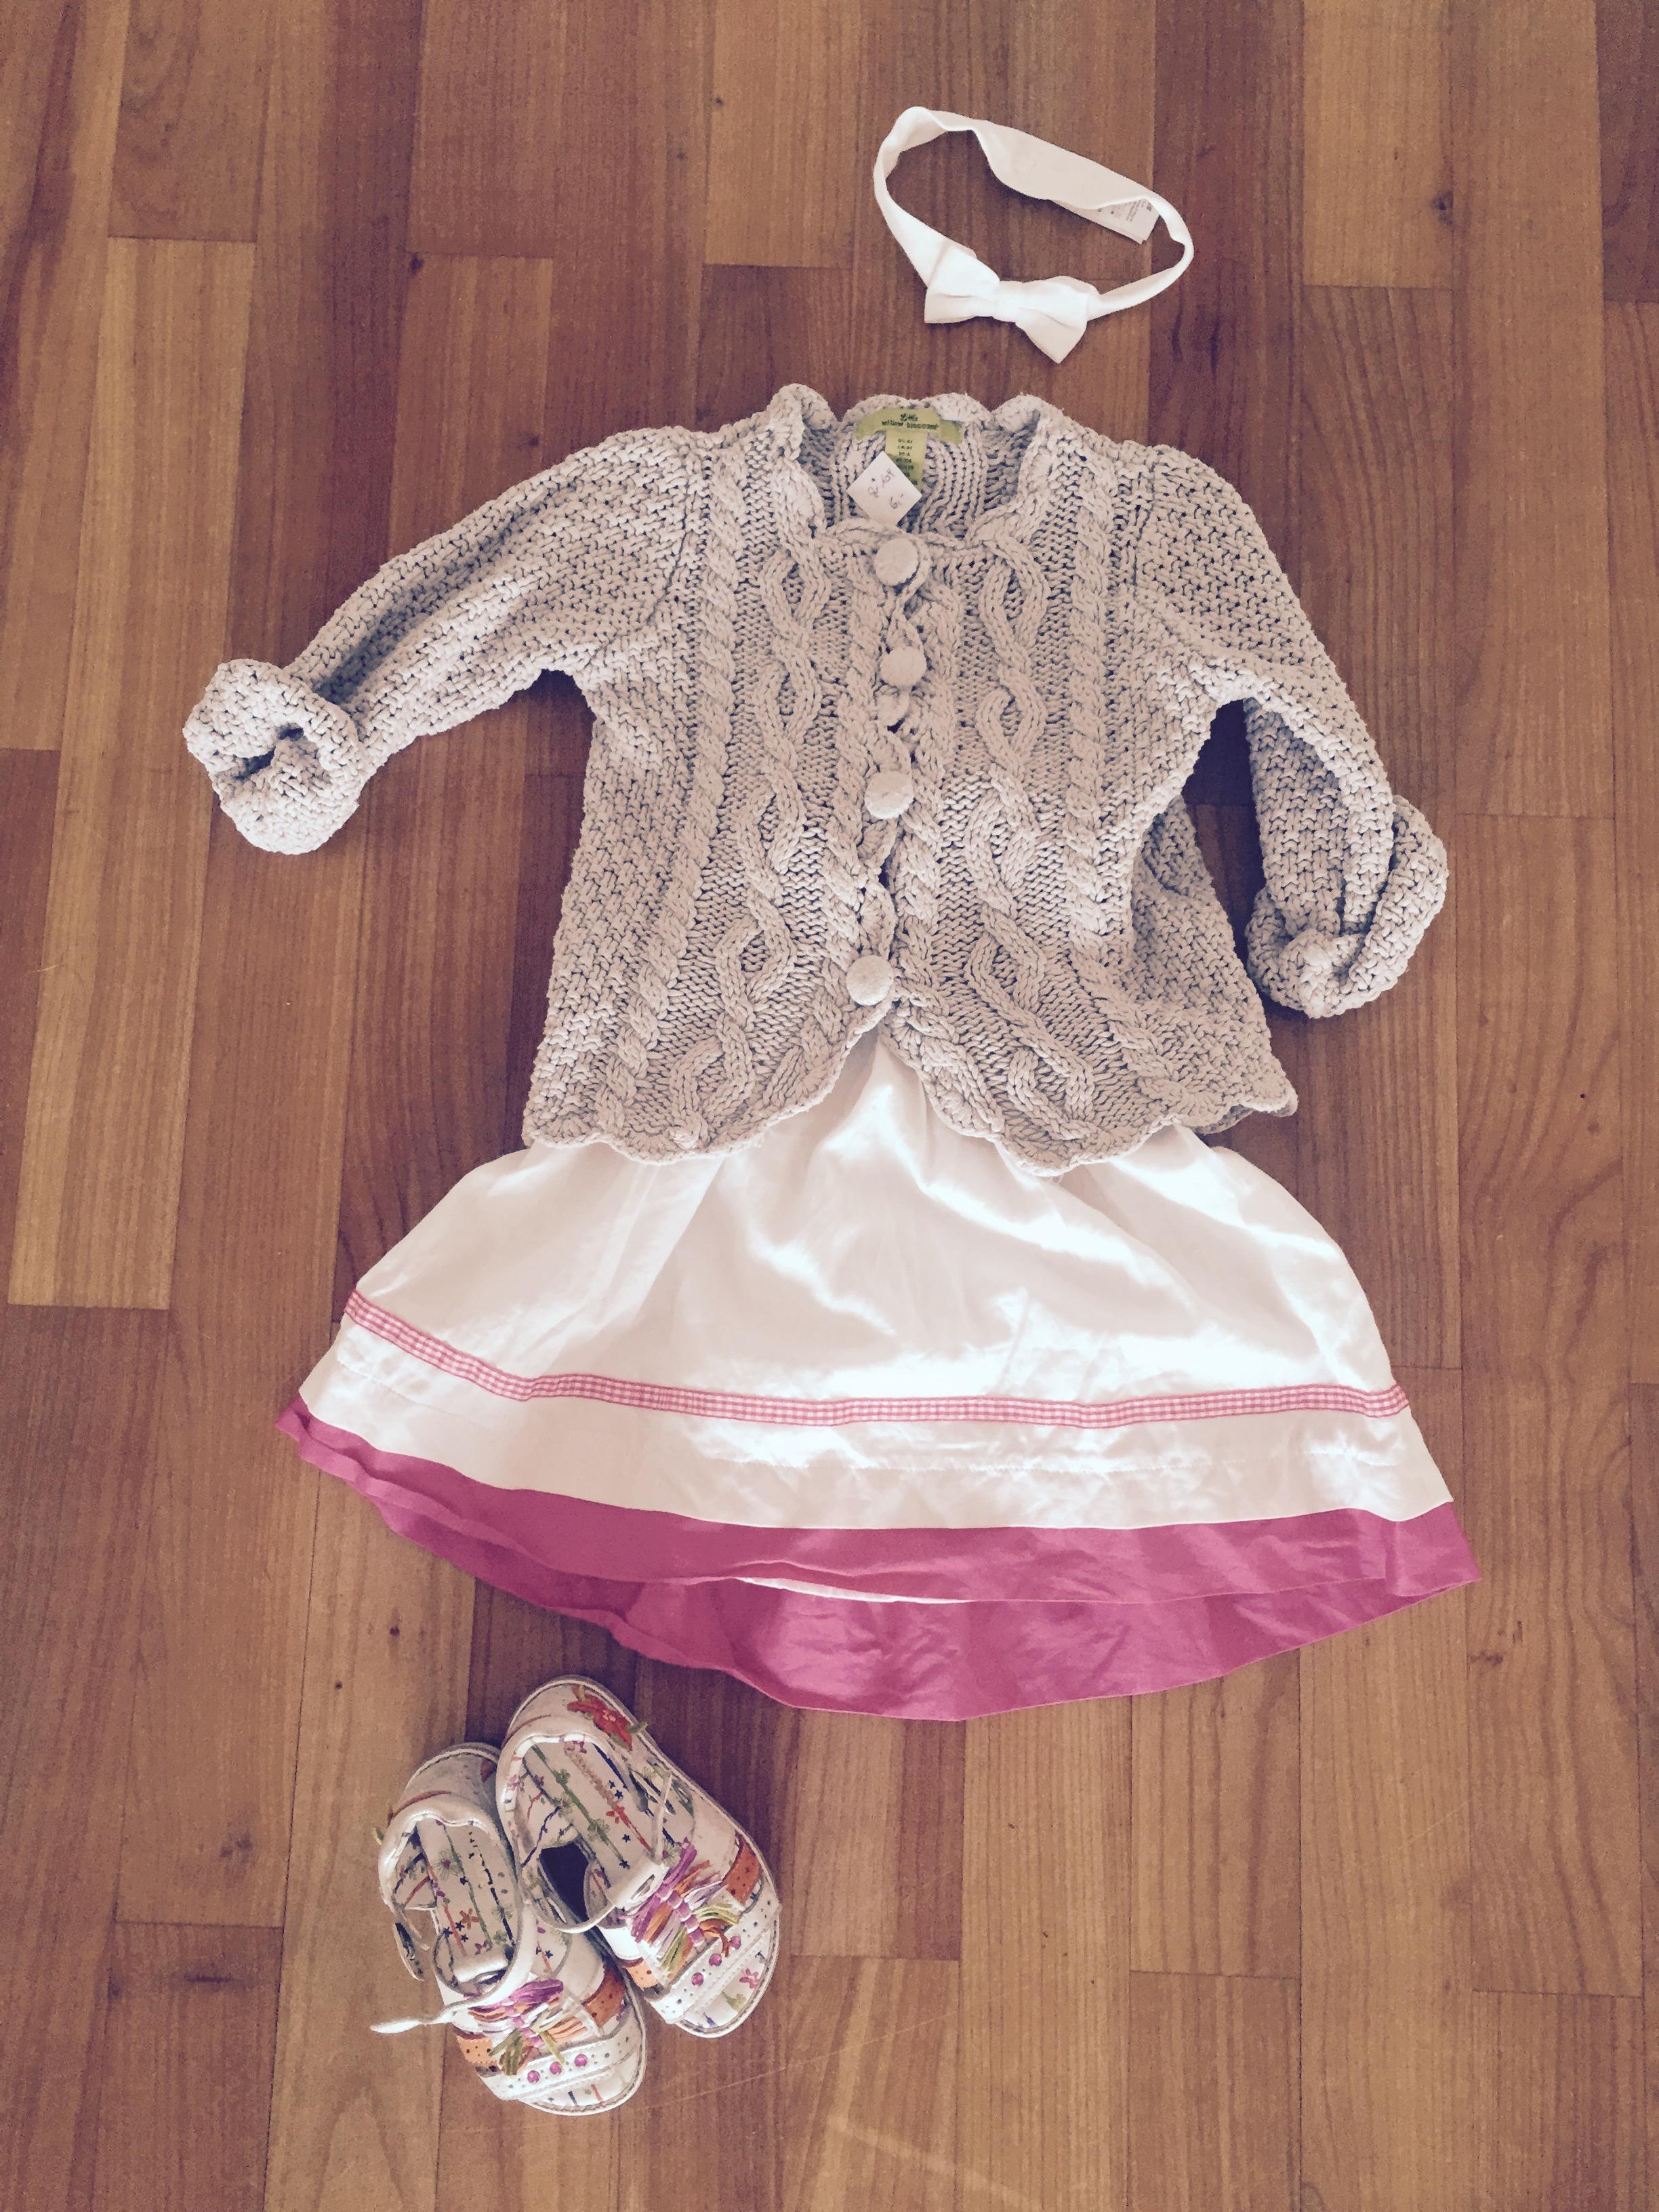 Strickjacke und Baumwollkleid - Low Budget Summer Outfit bei Mummy Mag